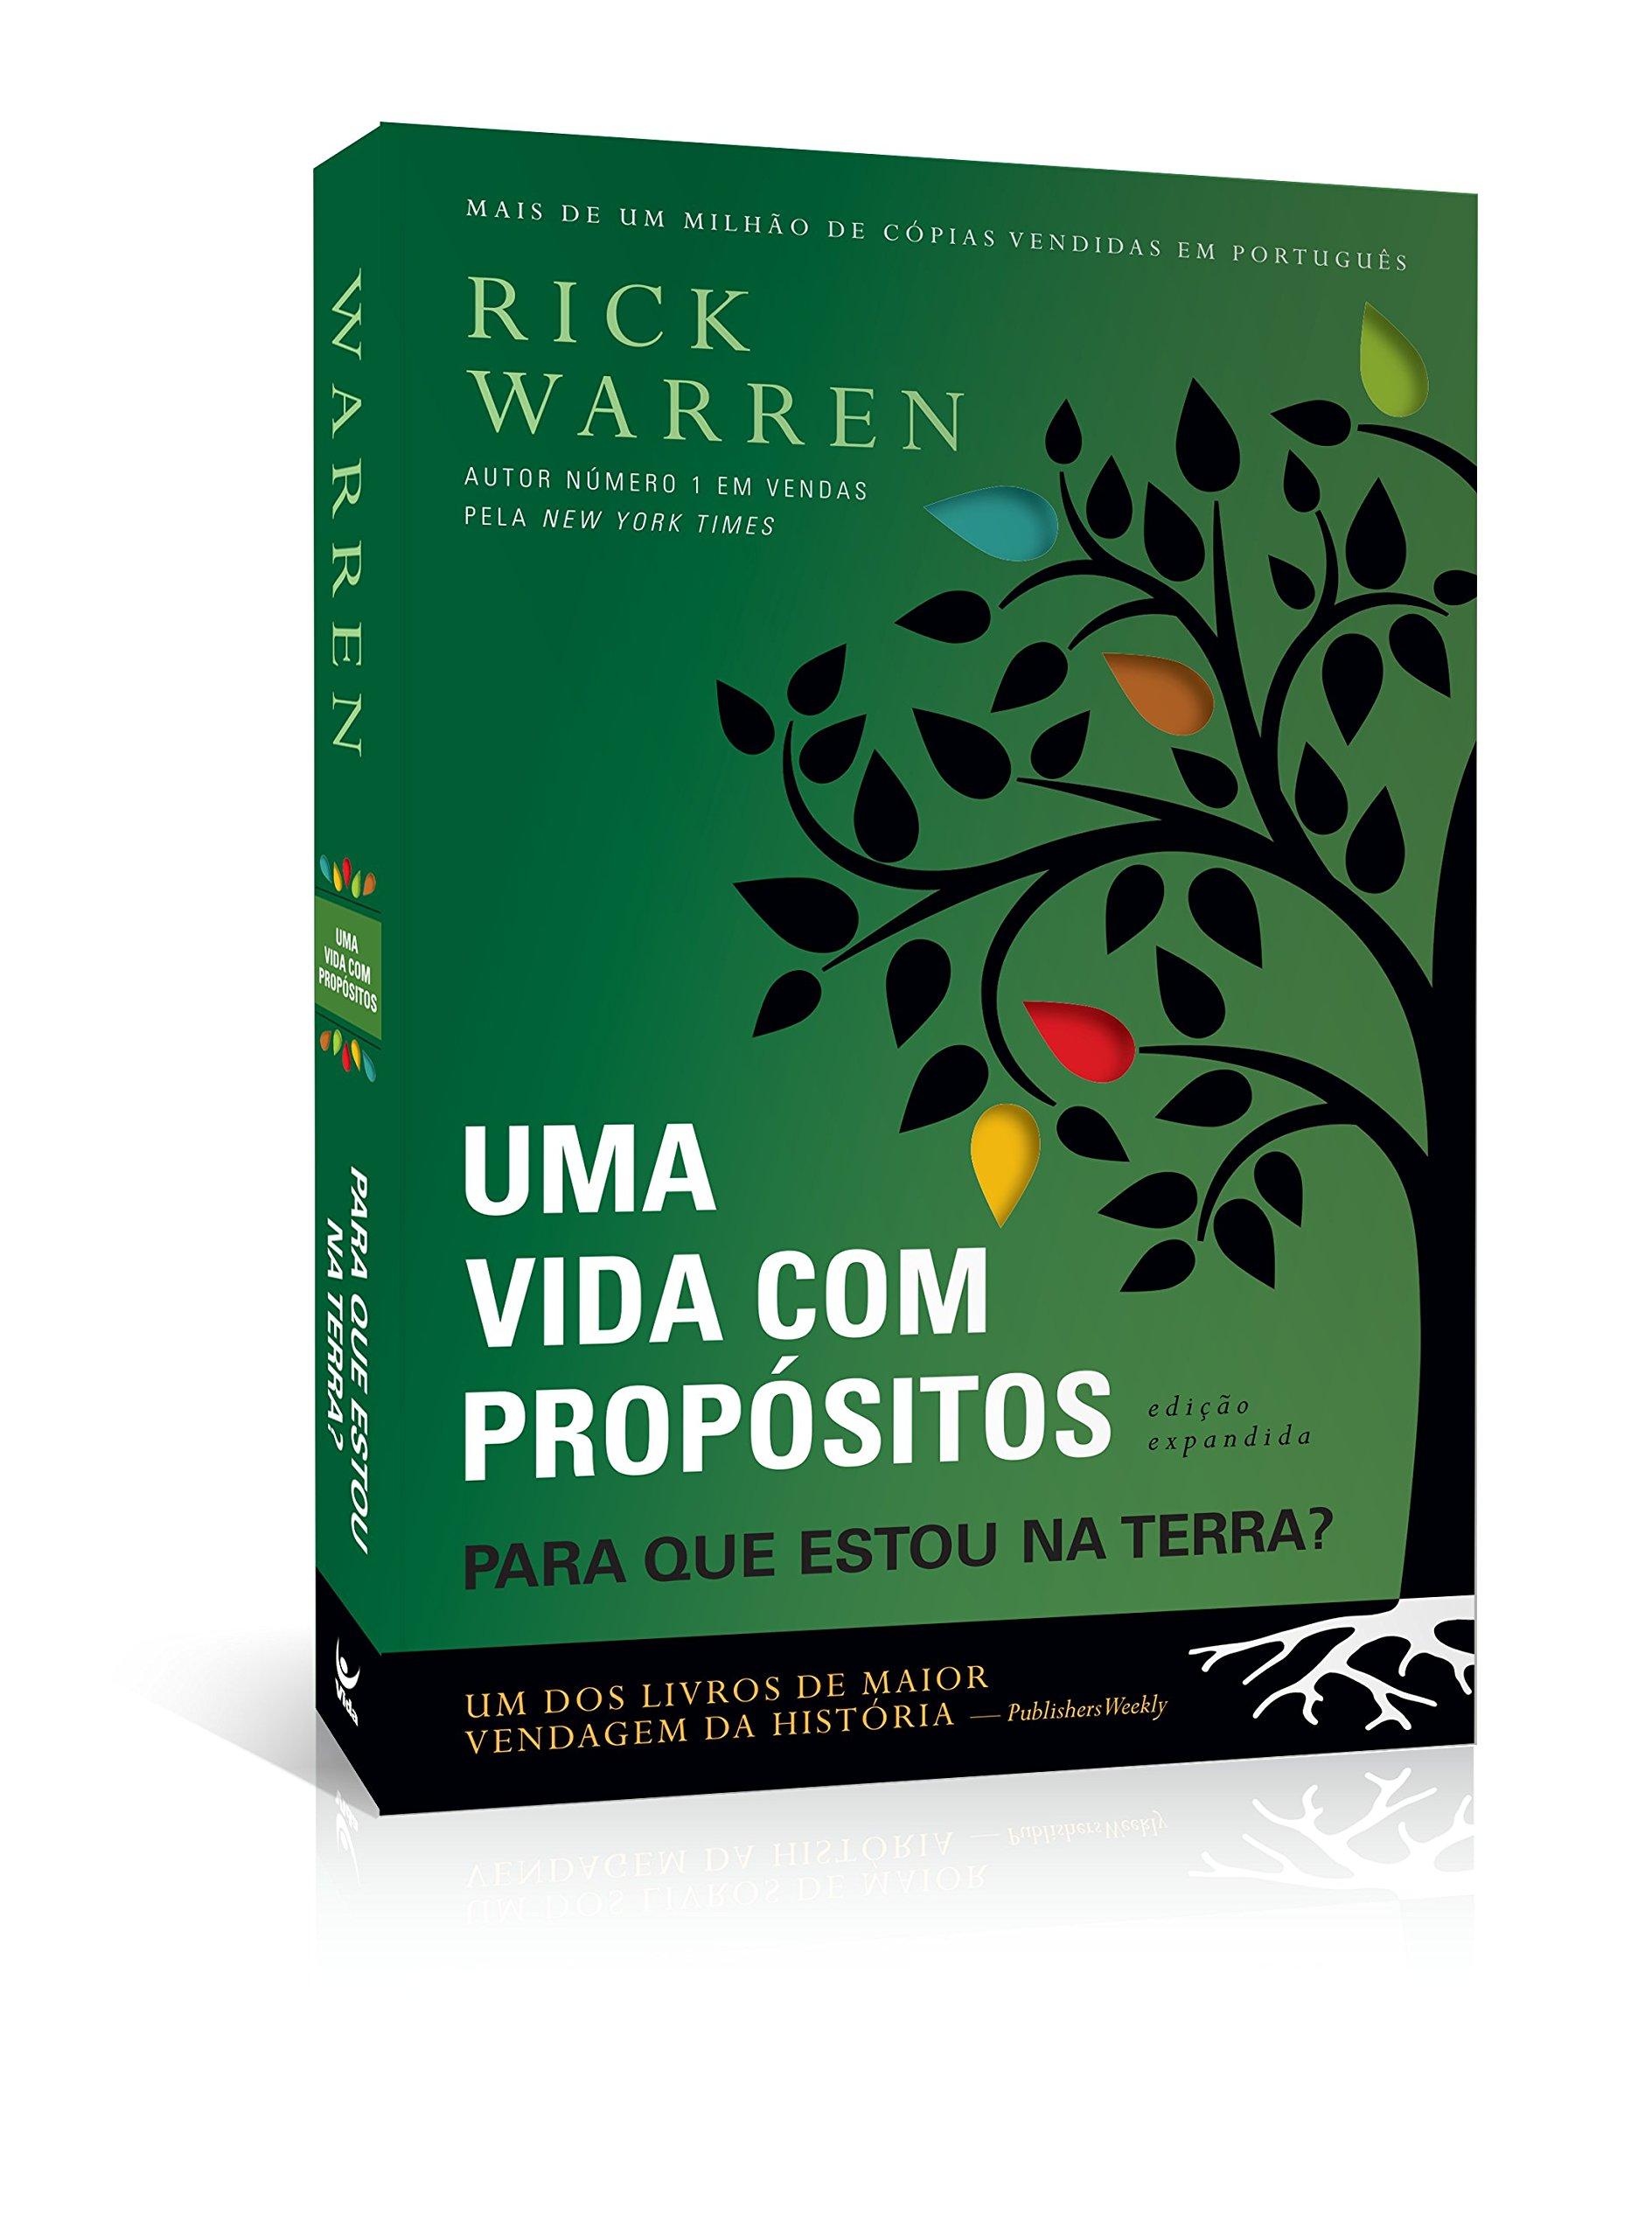 02. I vol. [301-438]